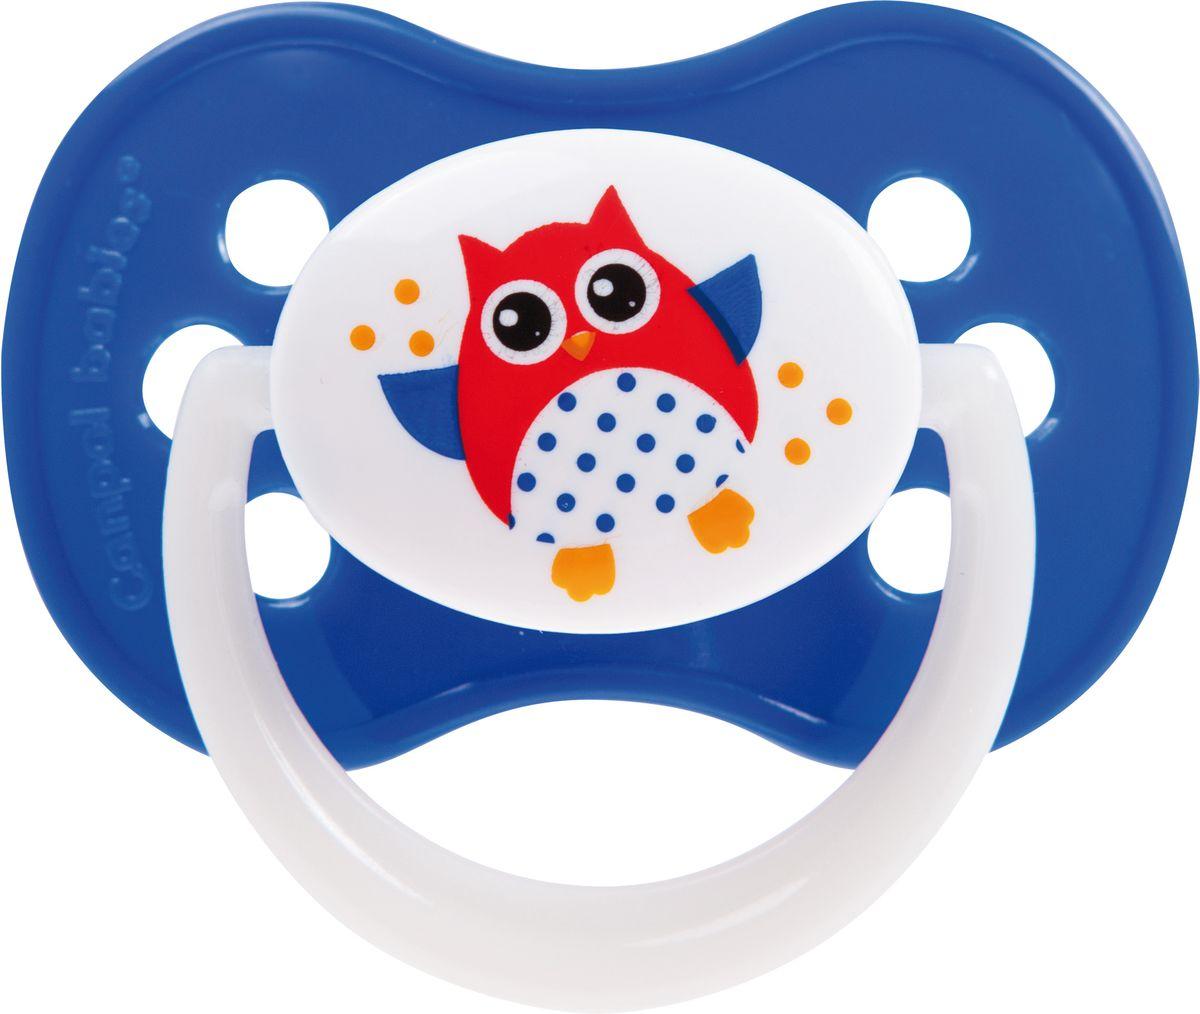 Canpol Babies Пустышка силиконовая симметричная Owl от 18 месяцев цвет синий